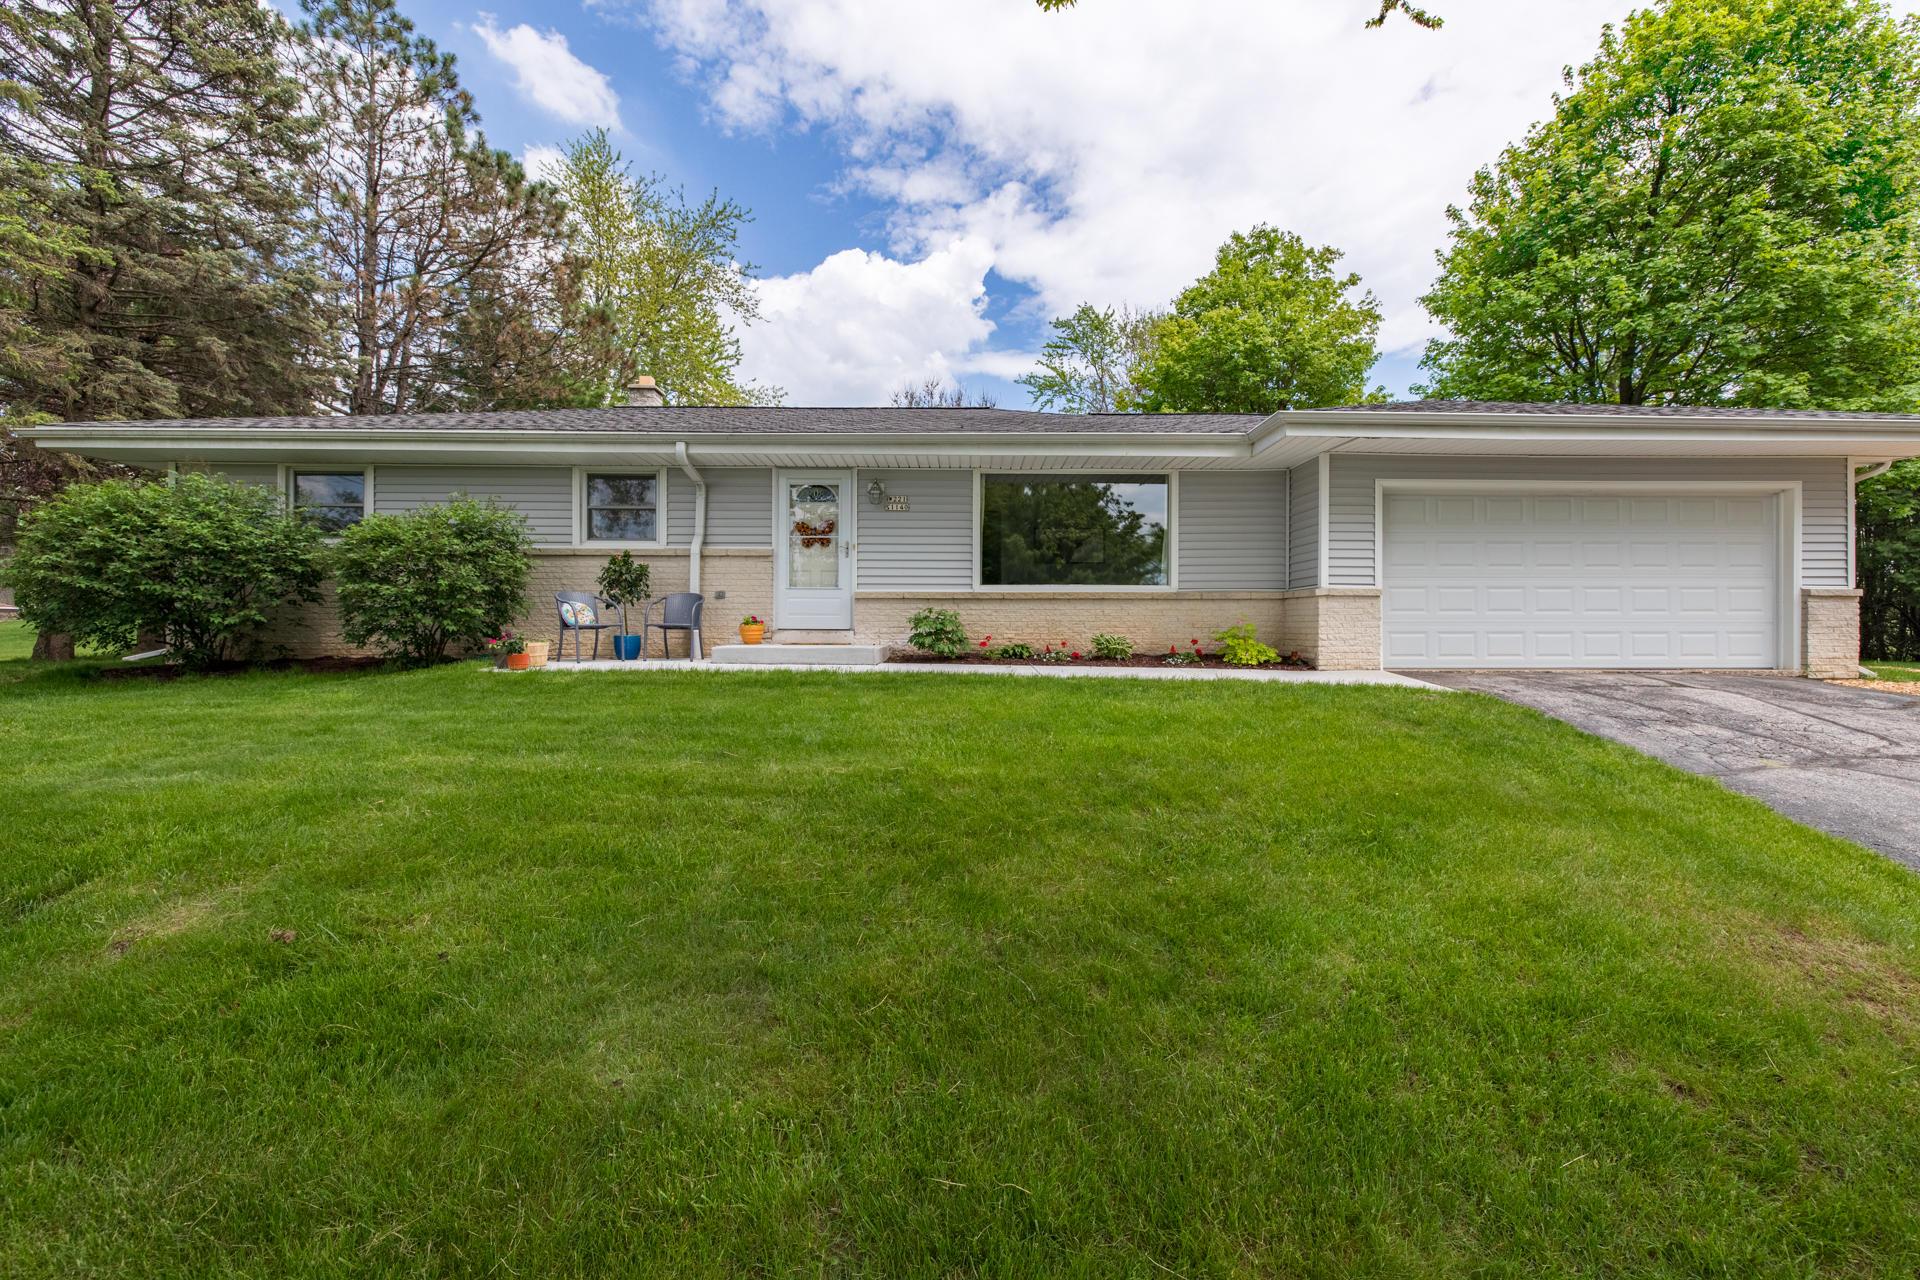 1140 Cherokee Dr, Brookfield, Wisconsin 53186, 3 Bedrooms Bedrooms, 6 Rooms Rooms,1 BathroomBathrooms,Single-Family,For Sale,Cherokee Dr,1691587